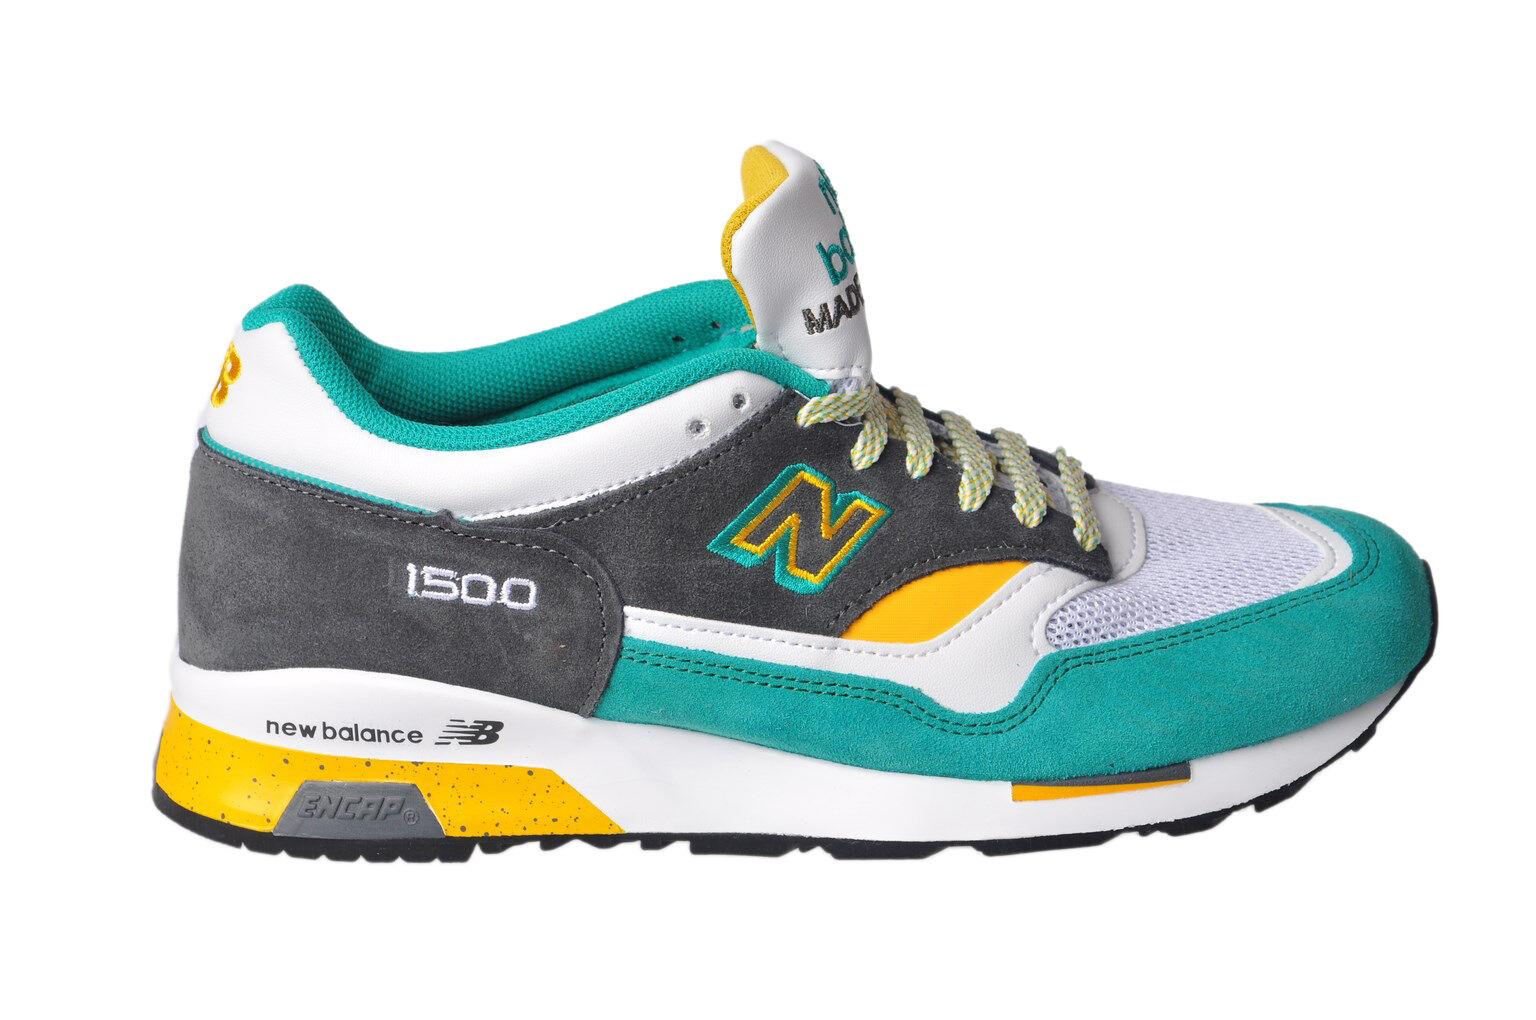 Scarpe casual da uomo  New Balance  -  Sneakers - male - Green - 280027A185007